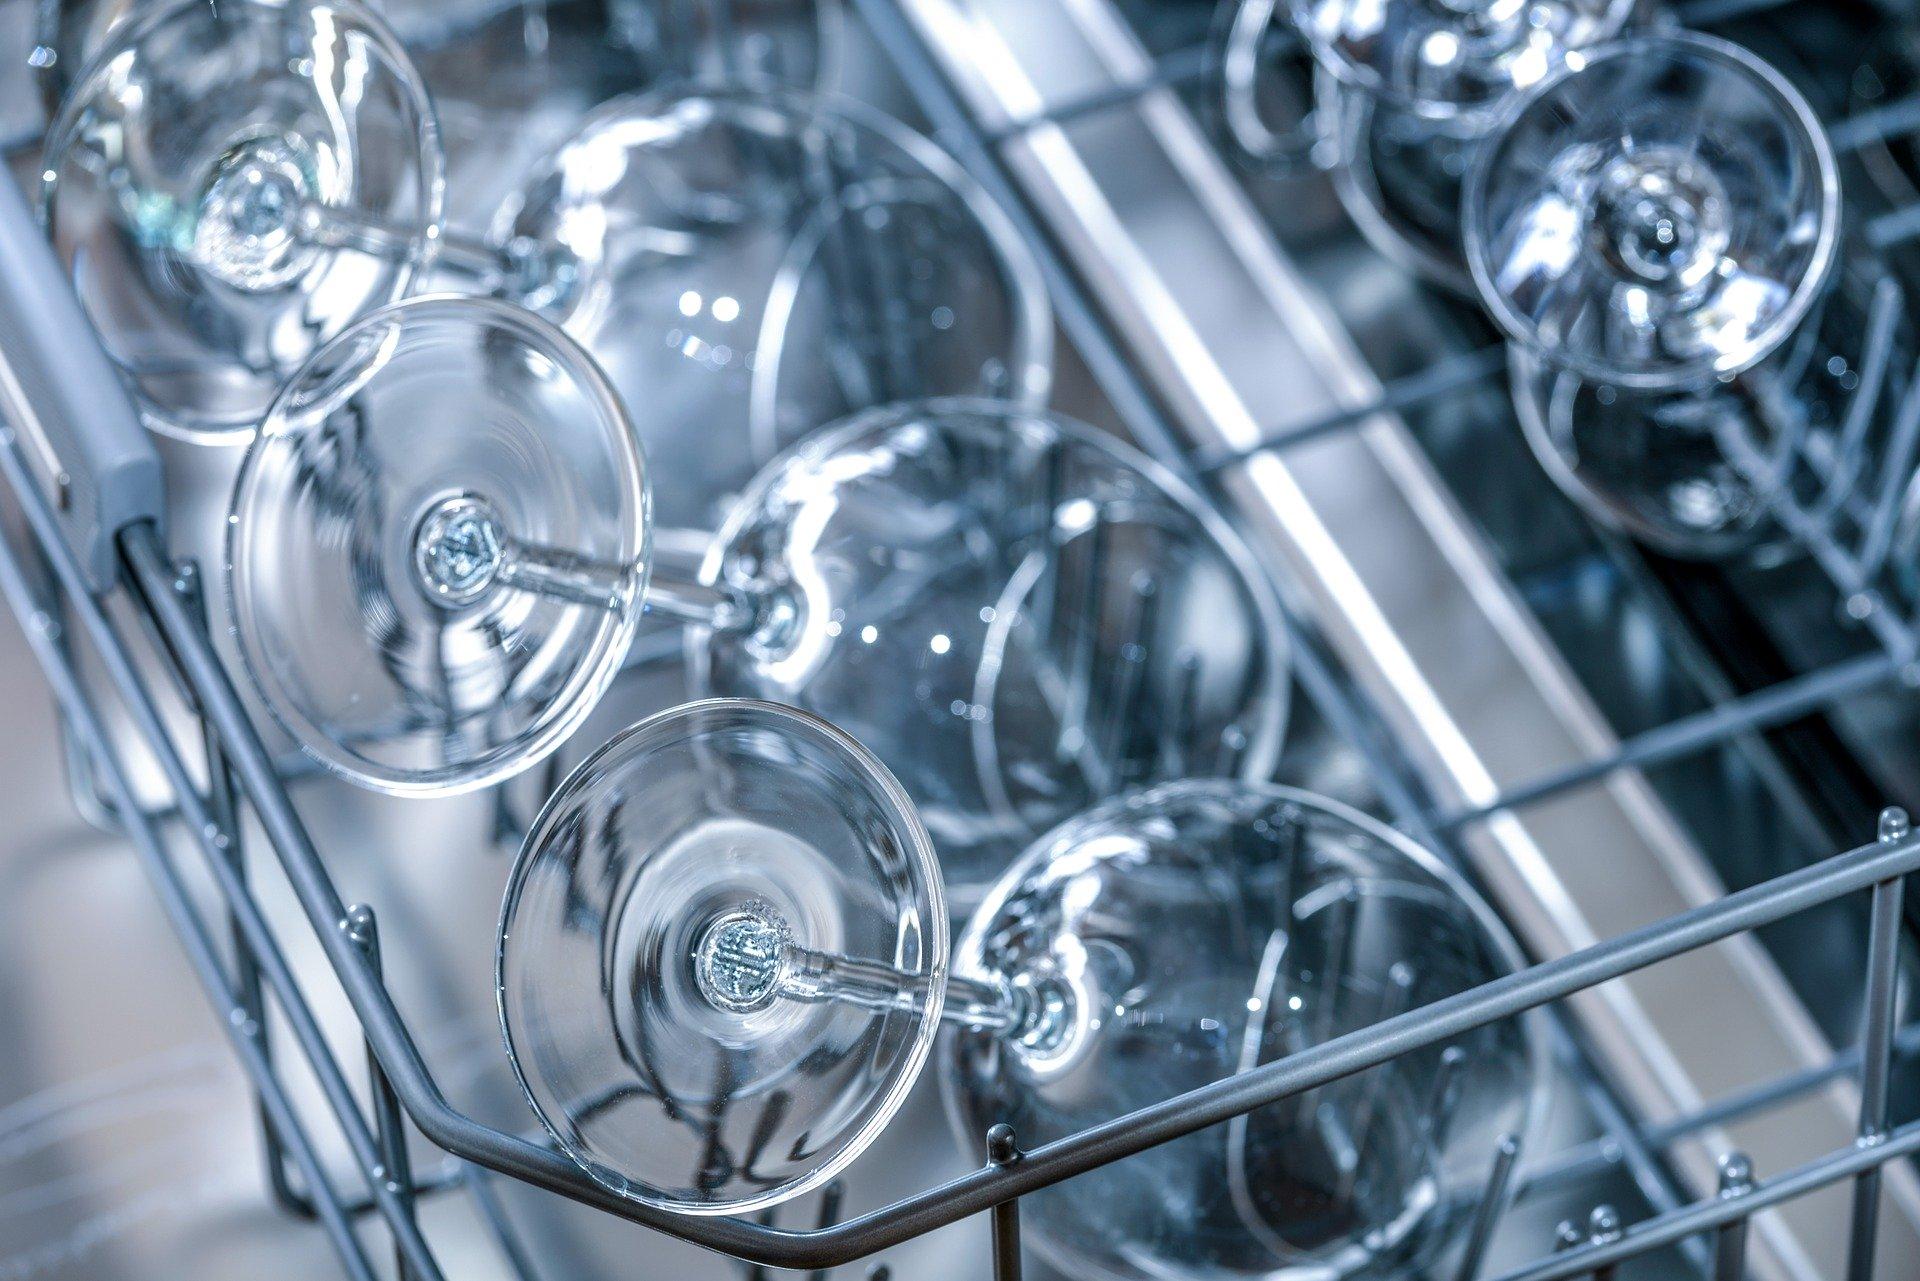 Quel Est Le Temps De Lavage D Un Lave Vaisselle economie d'énergie lave-vaisselle et écologie : heures